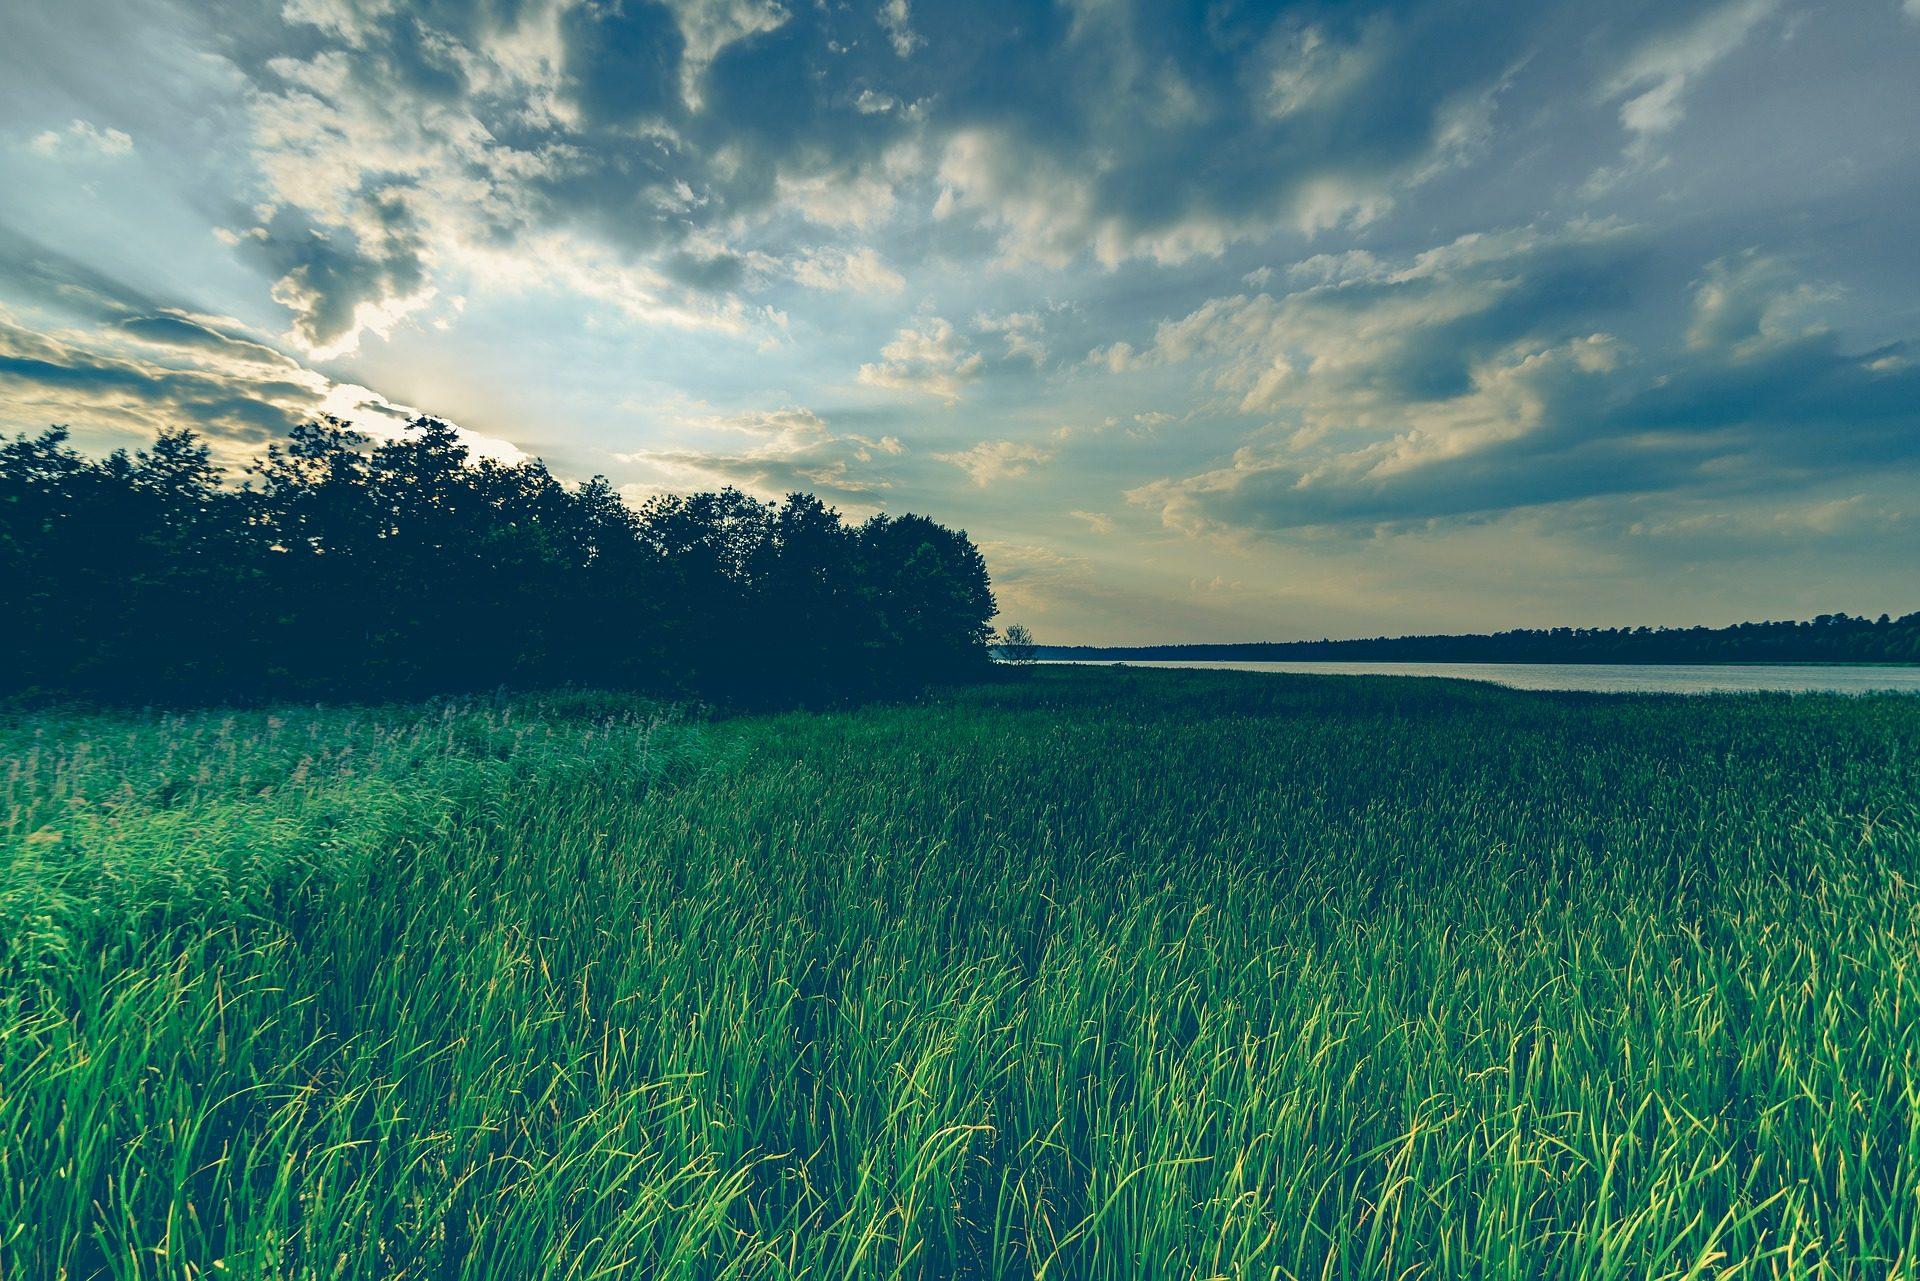 Λίμνη, γρασίδι, δέντρα, Ουρανός, σύννεφα, Mazuria, Πολωνία - Wallpapers HD - Professor-falken.com